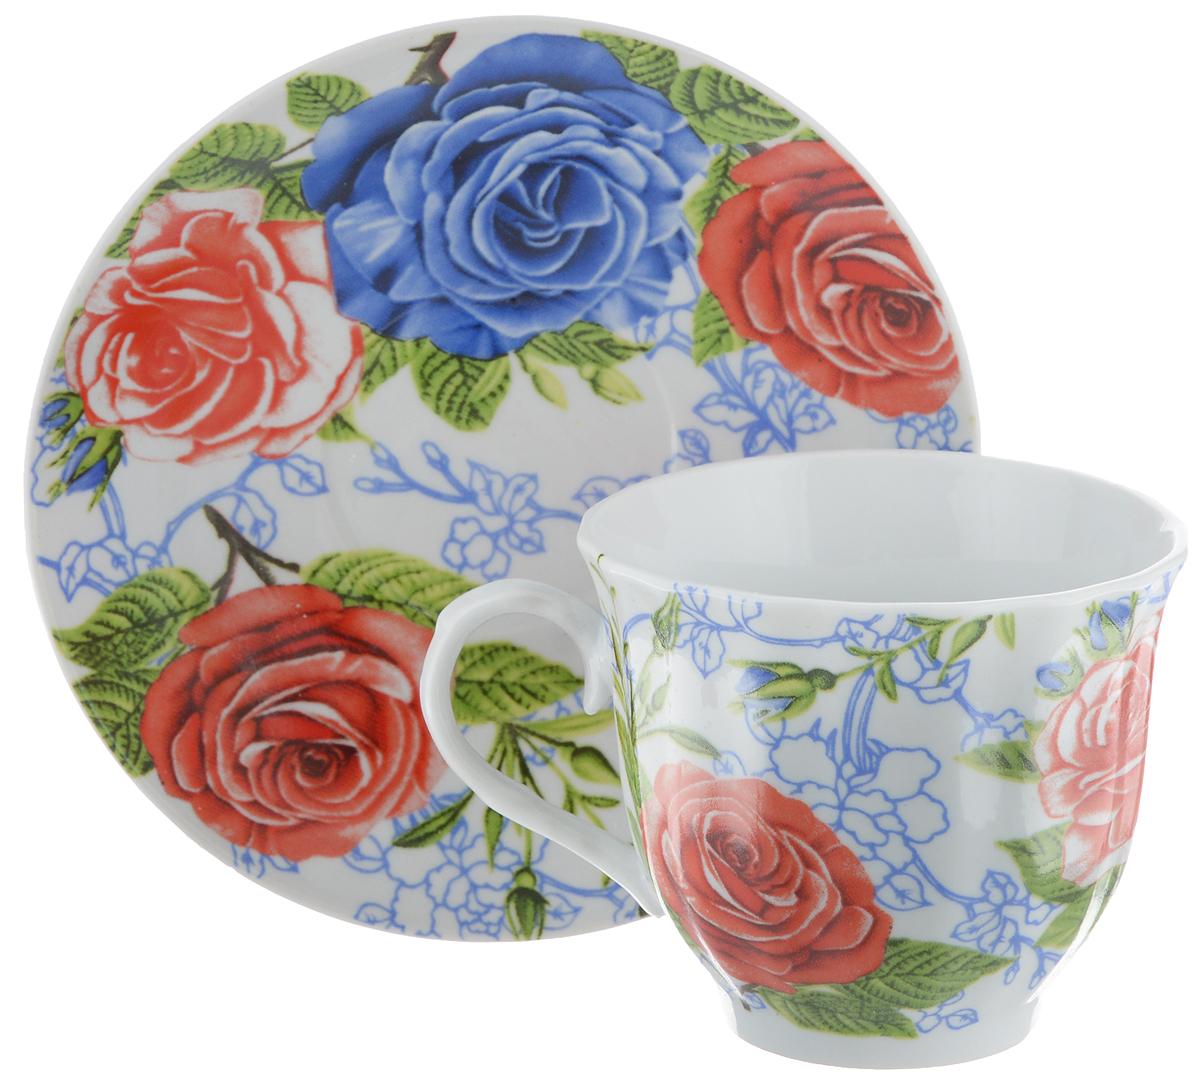 Чайная пара Bella, 2 предмета. DL-F1GB-174VT-1520(SR)Чайная пара Bella состоит из чашки и блюдца, изготовленных из высококачественного фарфора. Оригинальный яркий дизайн, несомненно, придется вам по вкусу.Чайная пара Bella украсит ваш кухонный стол, а также станет замечательным подарком к любому празднику.Диаметр чашки (по верхнему краю): 8,5 см.Высота чашки: 7 см.Объем чашки: 220 мл.Диаметр блюдца: 14 см.